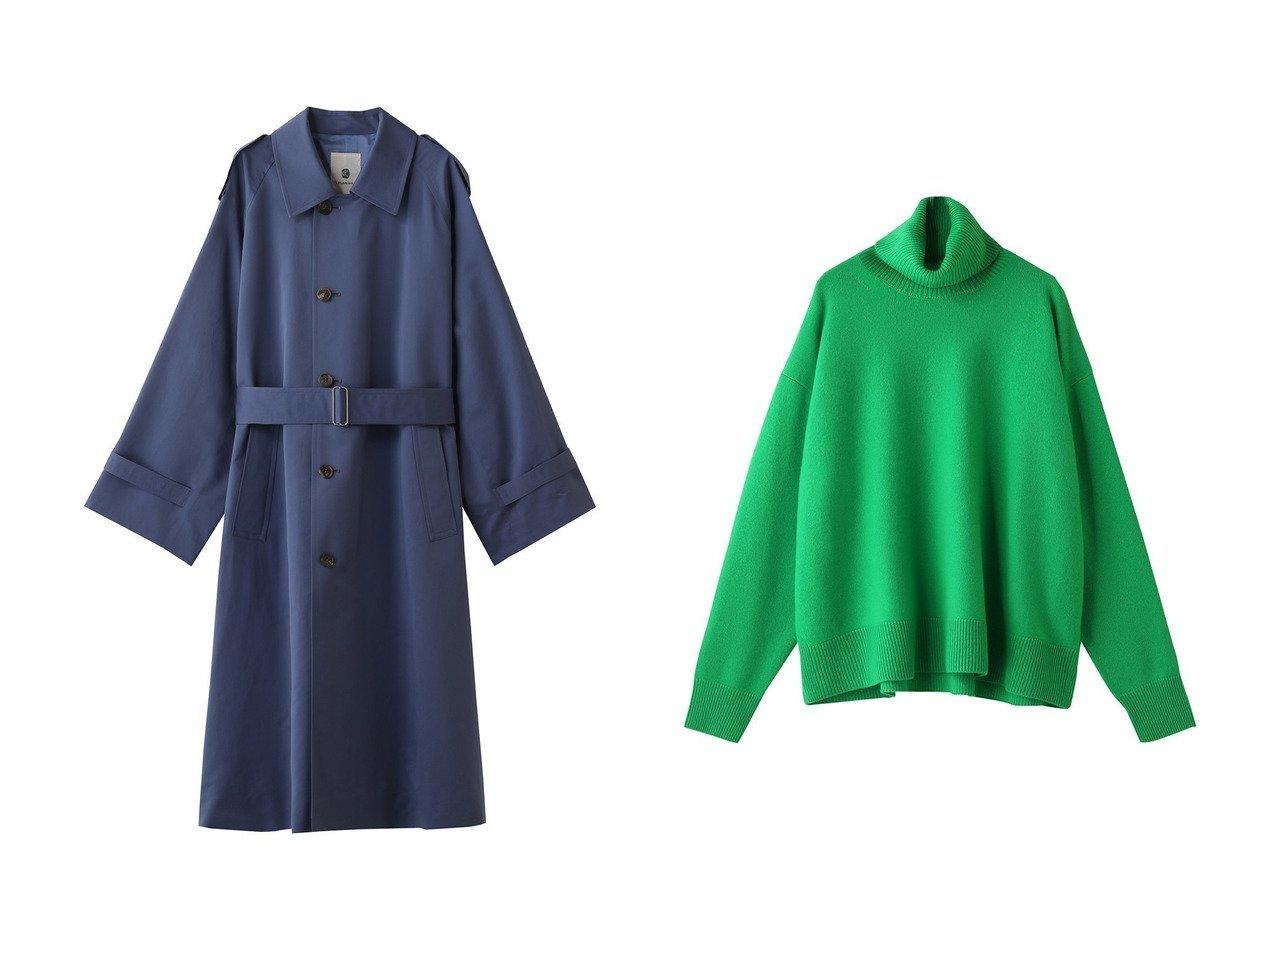 【BLAMINK/ブラミンク】のカシミヤ9Gタートルネックドロップショルダーニット&コットンシルクモーターサイクルコート BLAMINKのおすすめ!人気、トレンド・レディースファッションの通販 おすすめで人気の流行・トレンド、ファッションの通販商品 メンズファッション・キッズファッション・インテリア・家具・レディースファッション・服の通販 founy(ファニー) https://founy.com/ ファッション Fashion レディースファッション WOMEN アウター Coat Outerwear コート Coats トップス Tops Tshirt ニット Knit Tops プルオーバー Pullover タートルネック Turtleneck 2021年 2021 2021 春夏 S/S SS Spring/Summer 2021 S/S 春夏 SS Spring/Summer シルク ロング 春 Spring |ID:crp329100000016863